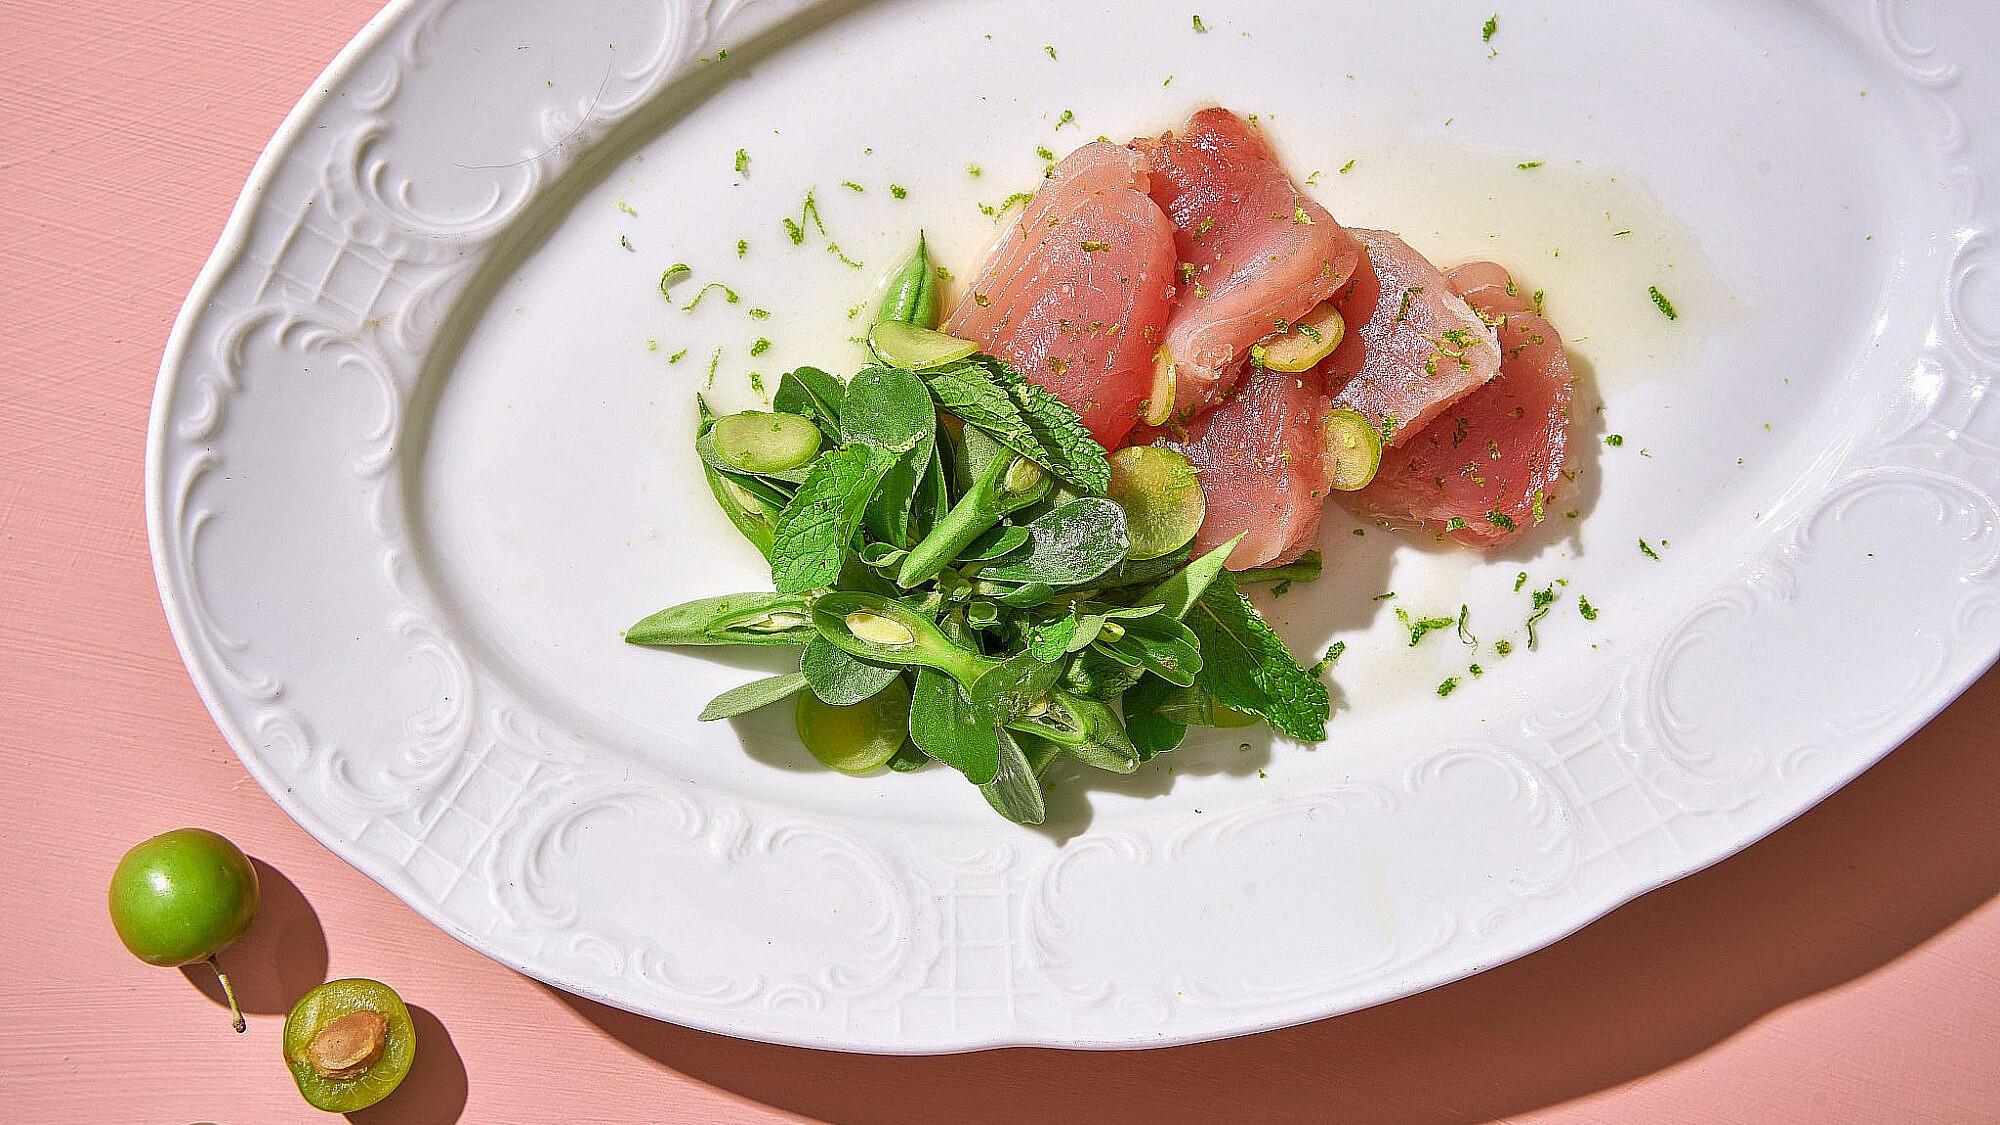 דג נא וסלט ירוקים של שפית אבישג לוי | צילום: אנטולי מיכאלו